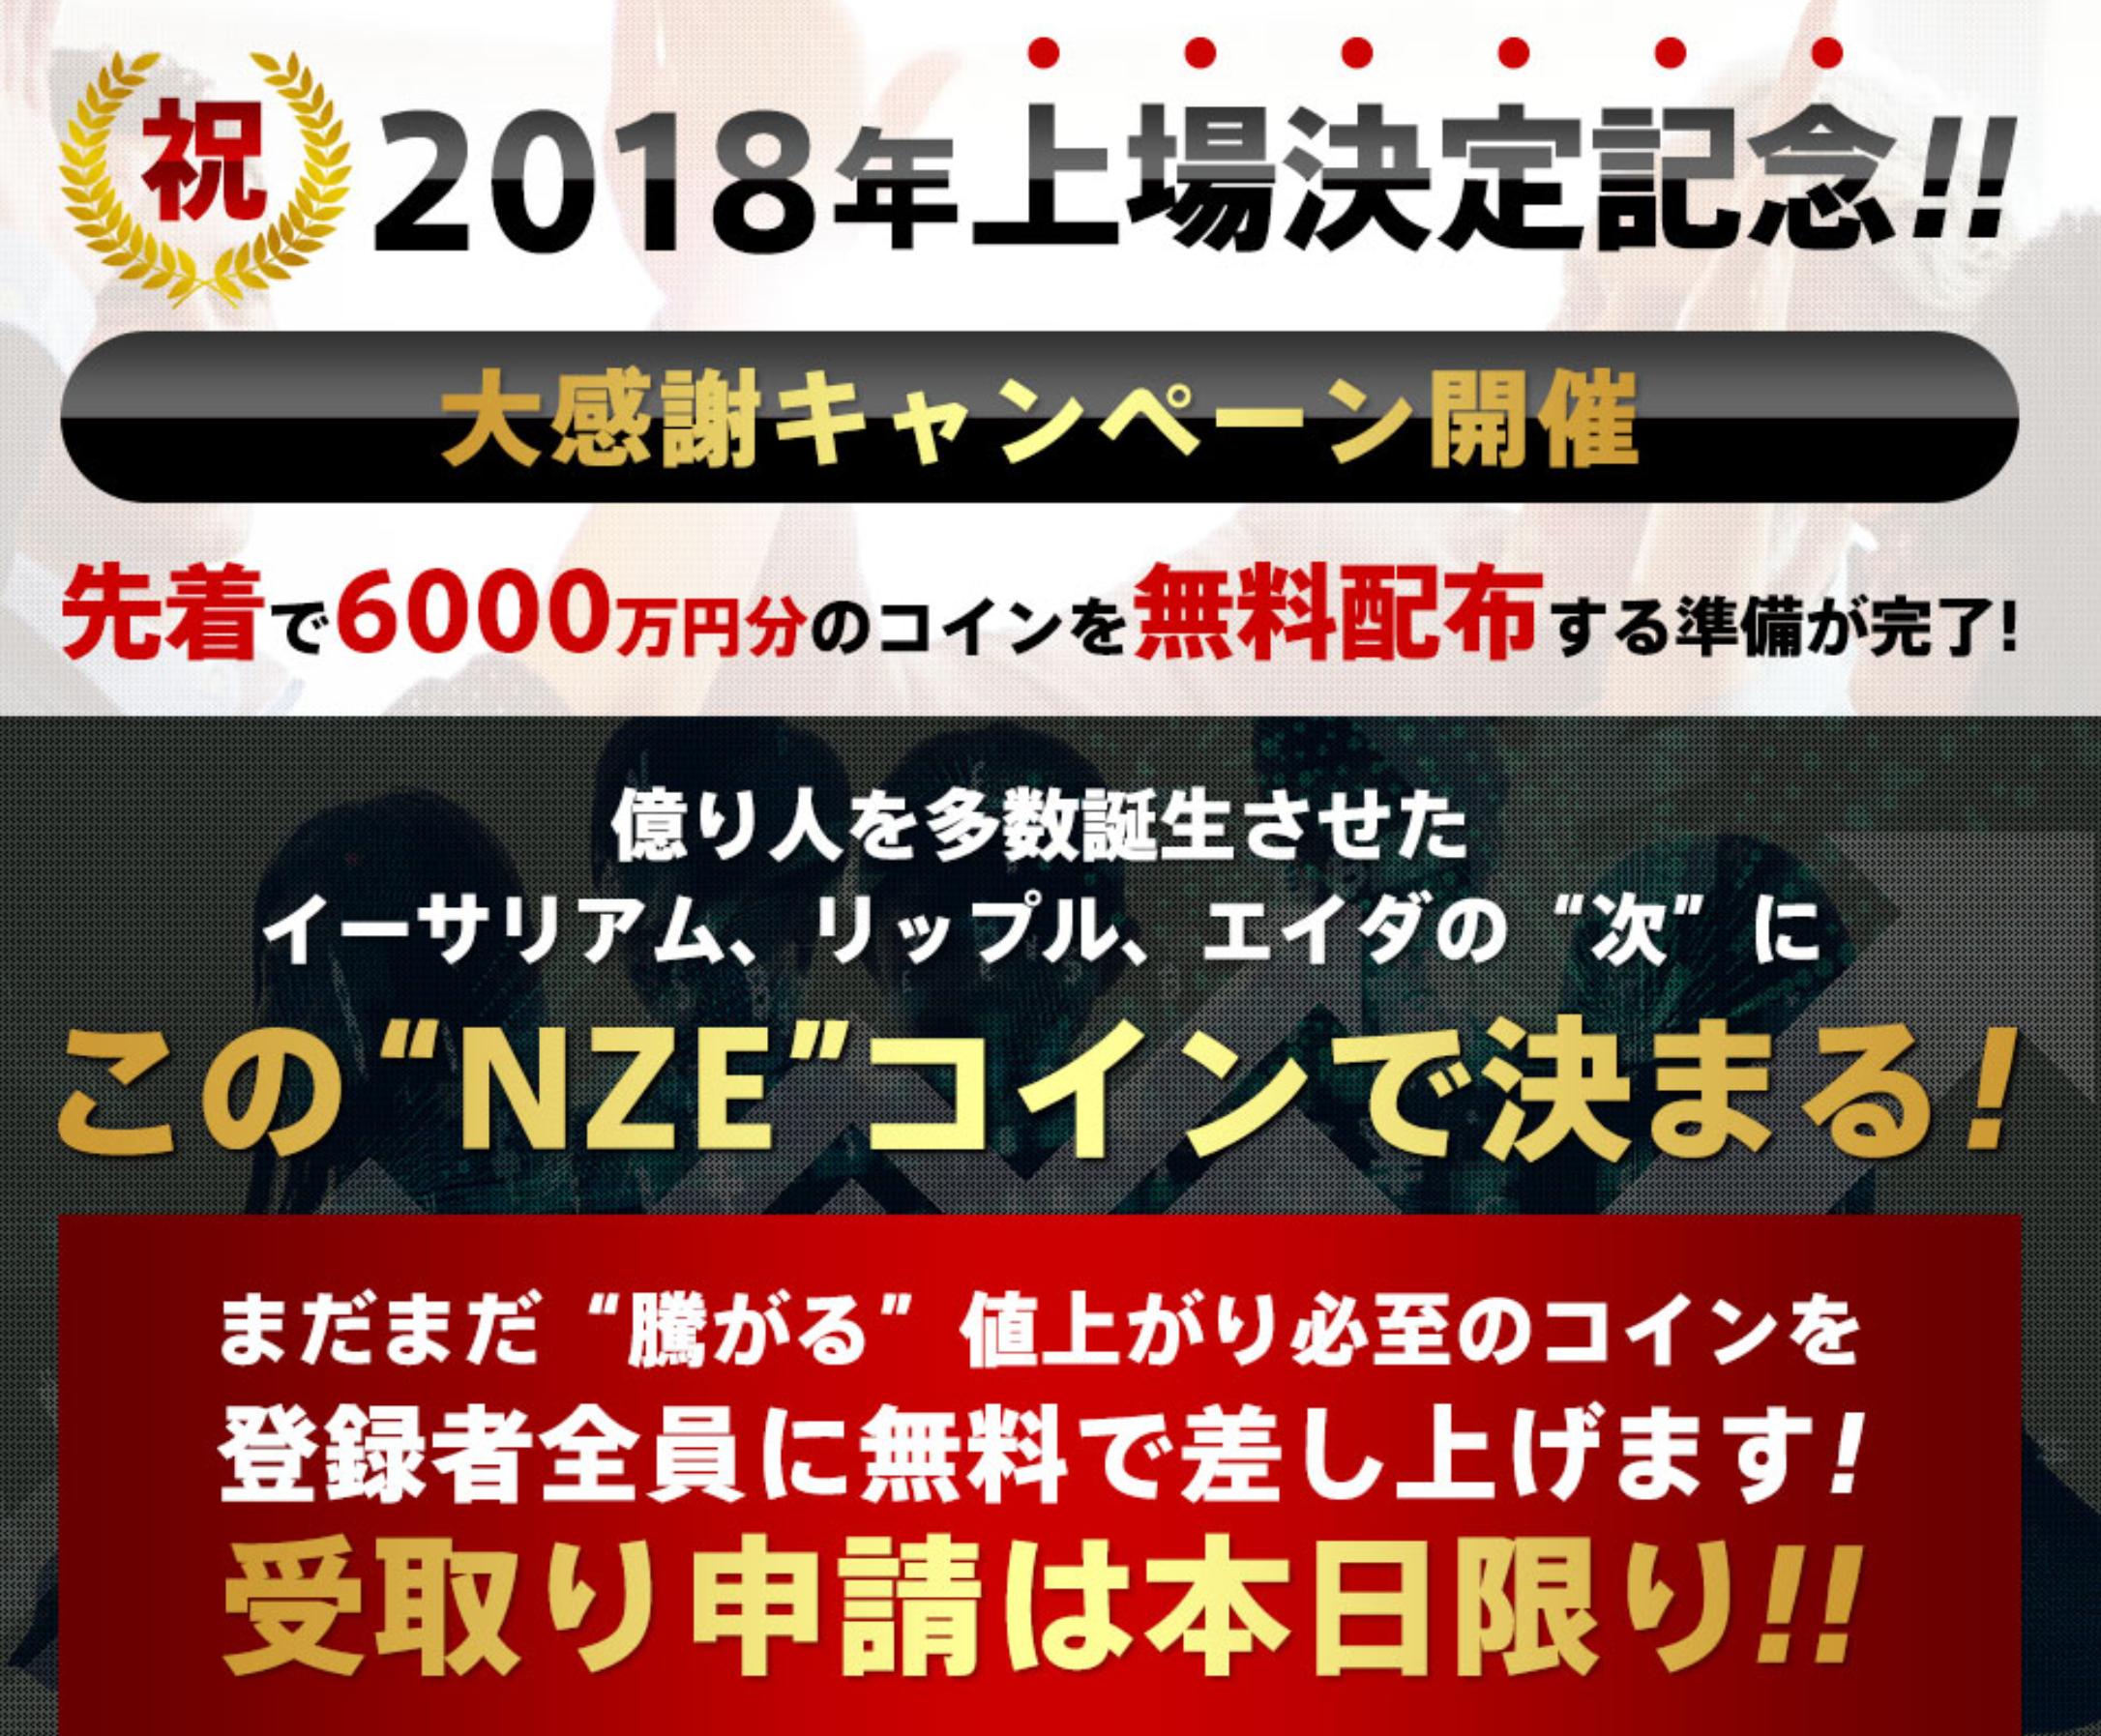 松宮義仁 NZEコイン「NAGEZENI」1